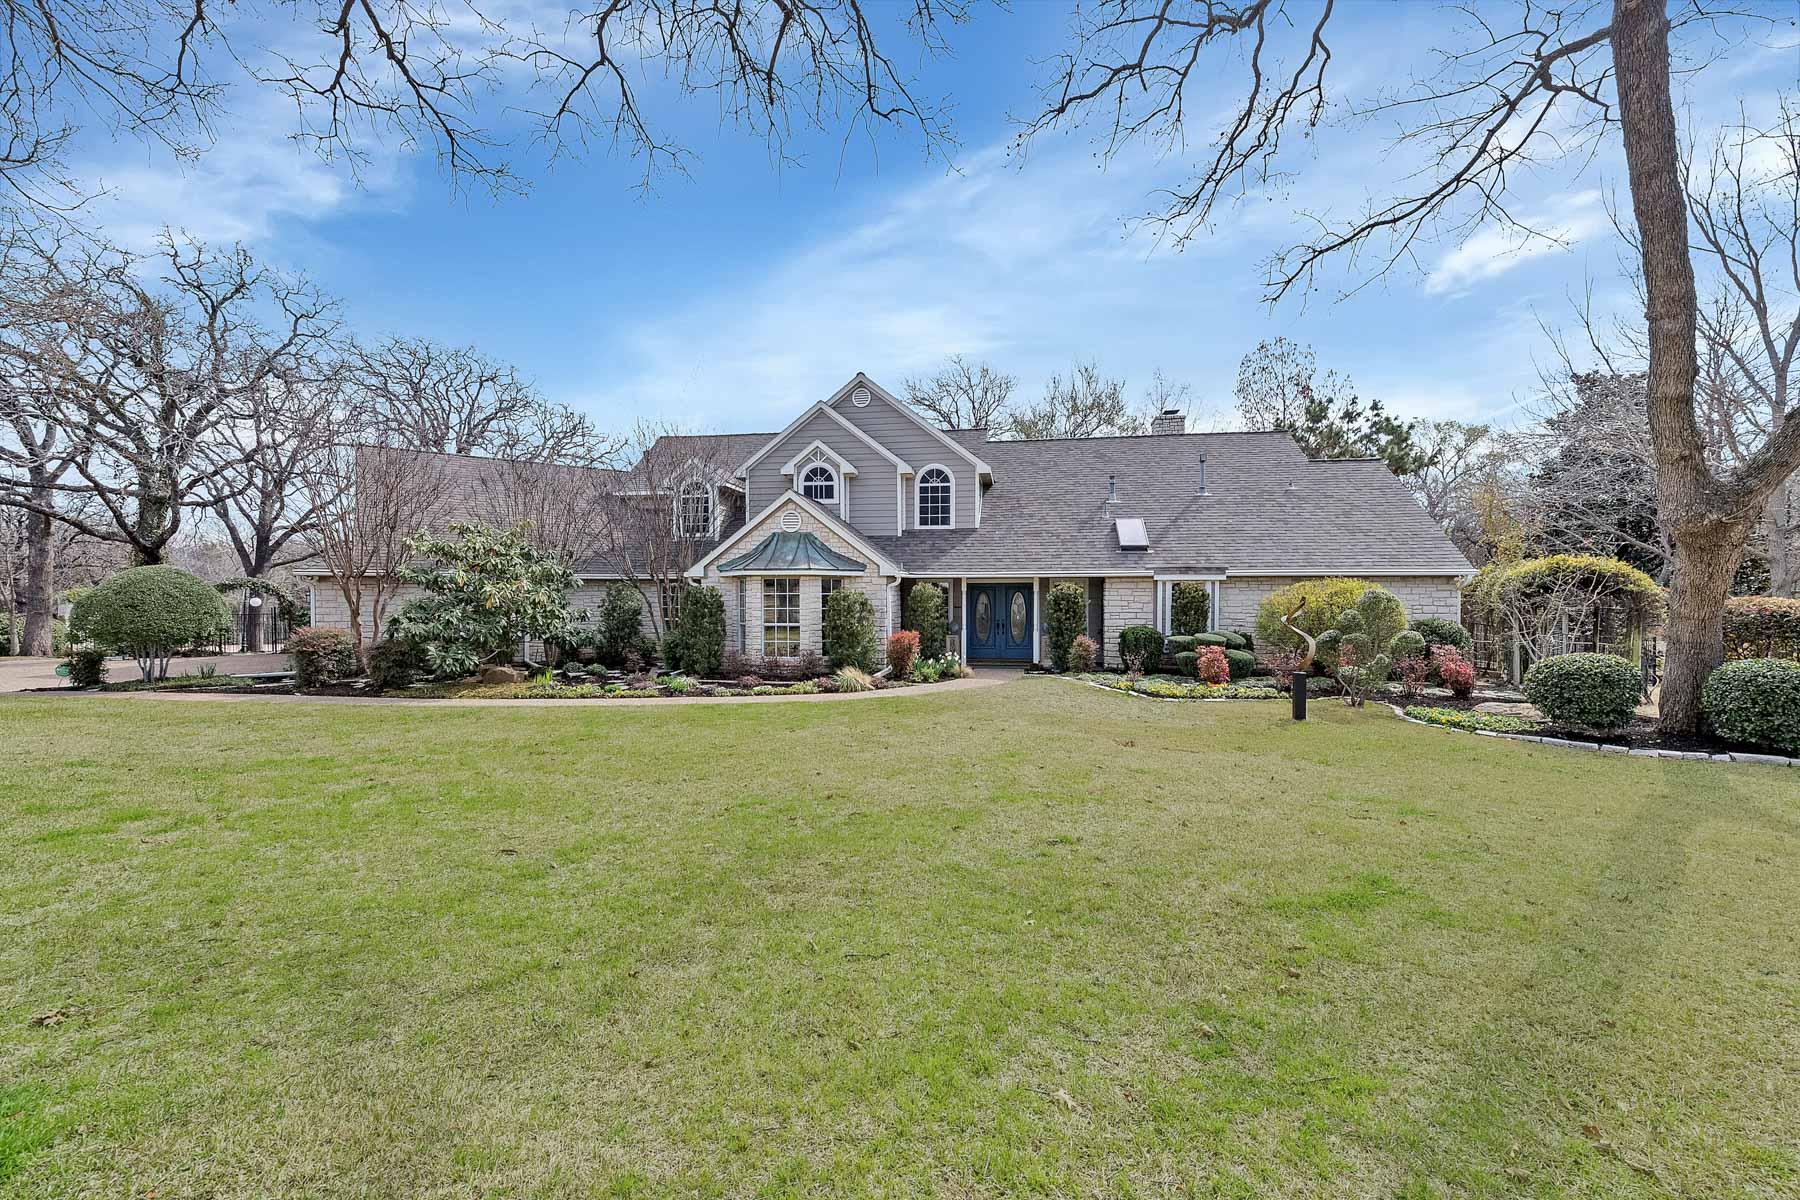 独户住宅 为 销售 在 Impeccable Austin Stone Ranch Style Home Situated on a unique 4.29 Private Lot 1352 Estella Way, Southlake, 得克萨斯州, 76092 美国